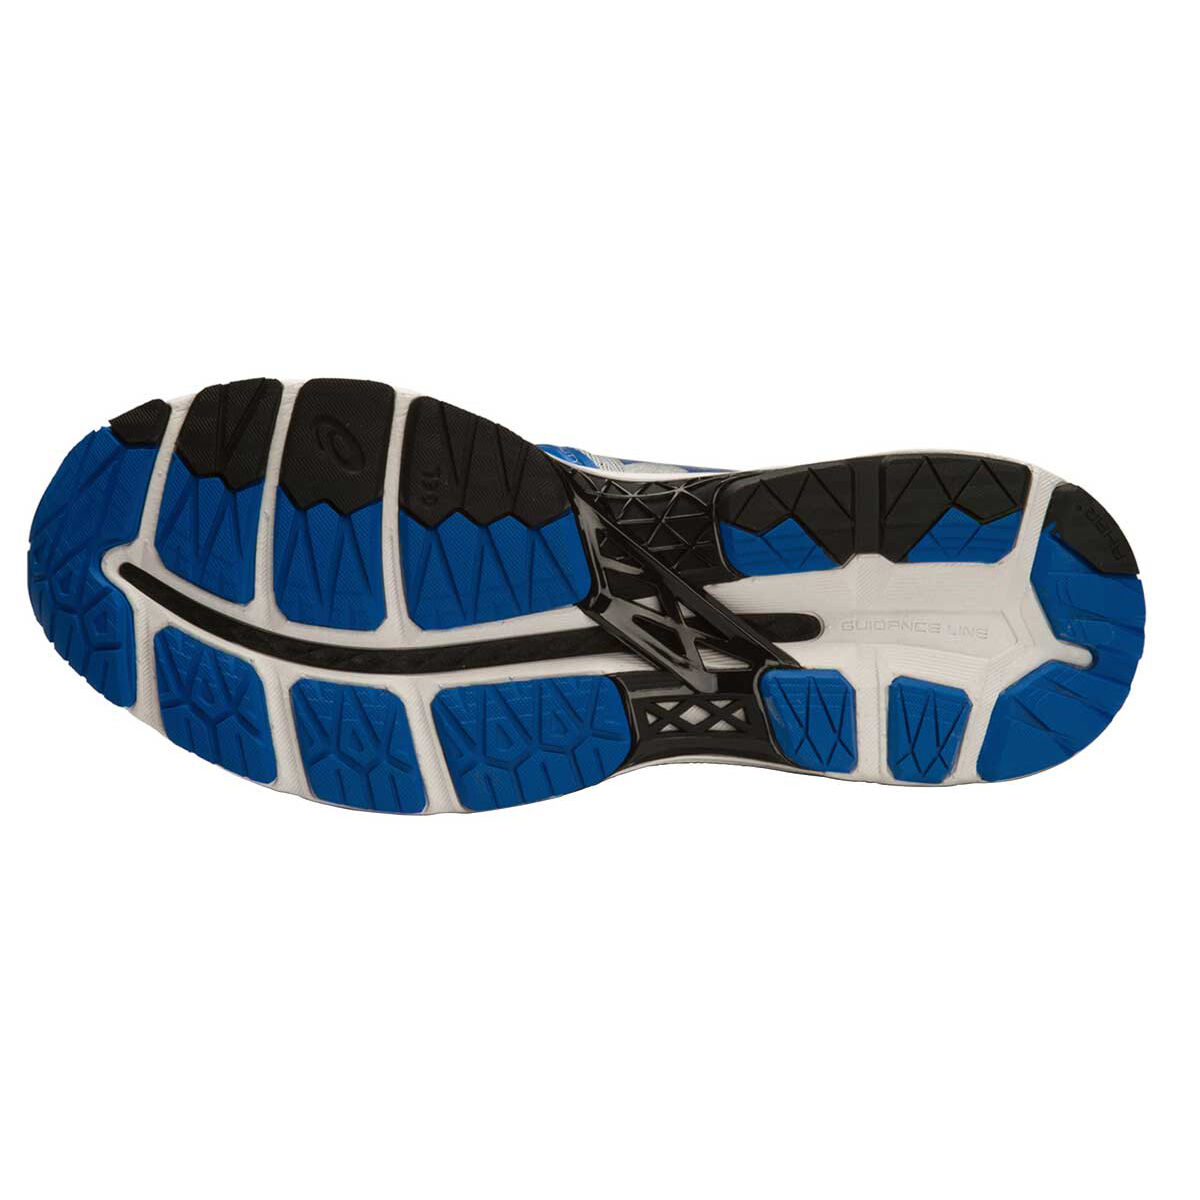 Asics Gel Kayano 23 19838 Hommes Chaussures Asics de course Bleu Gris/ Bleu US 8 | 1bcd62c - resepmasakannusantara.website